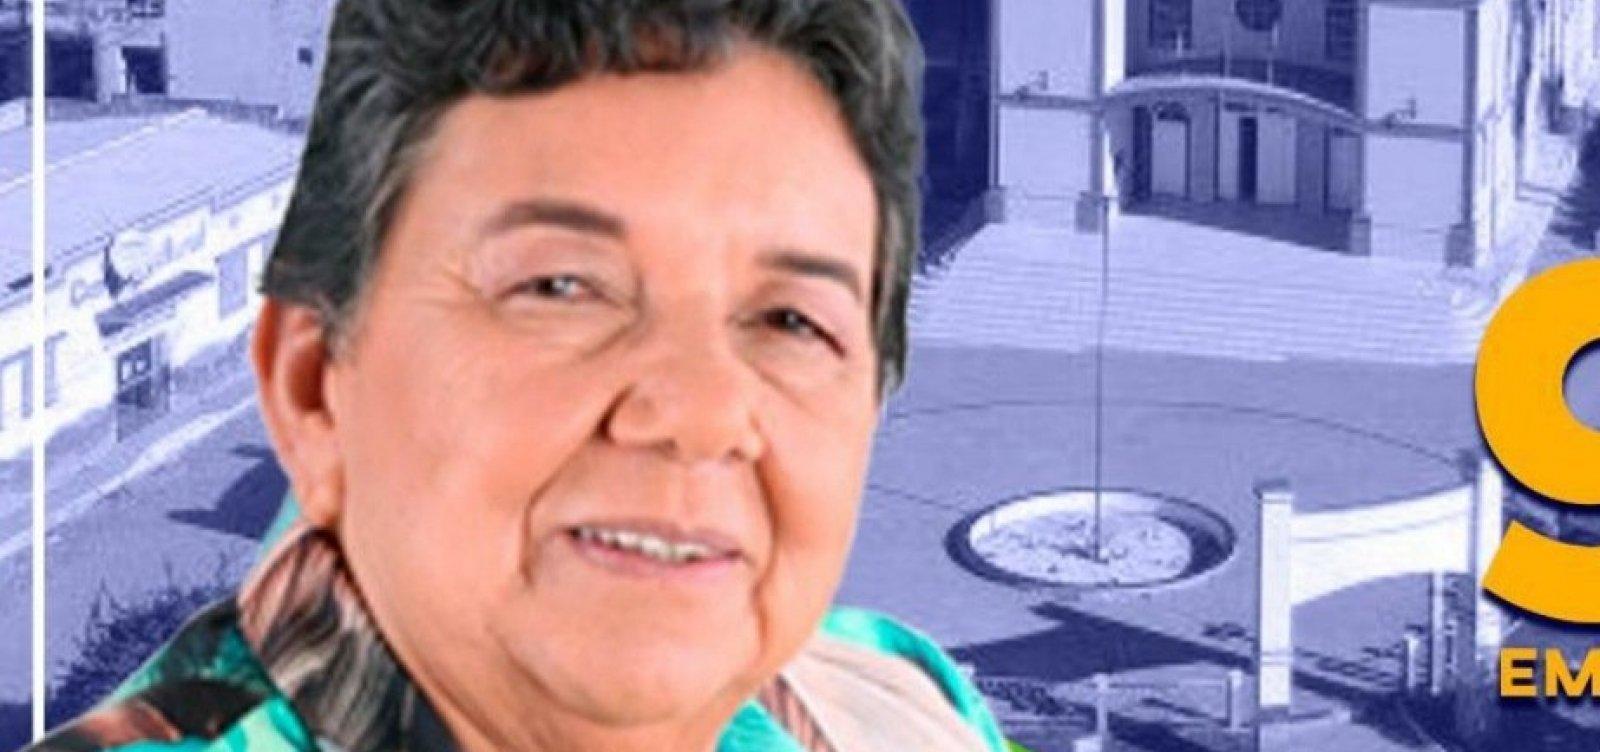 [Barra da Estiva: Morre Dona Lúcia,ex-prefeita e mãe do deputado Marquinho Viana]